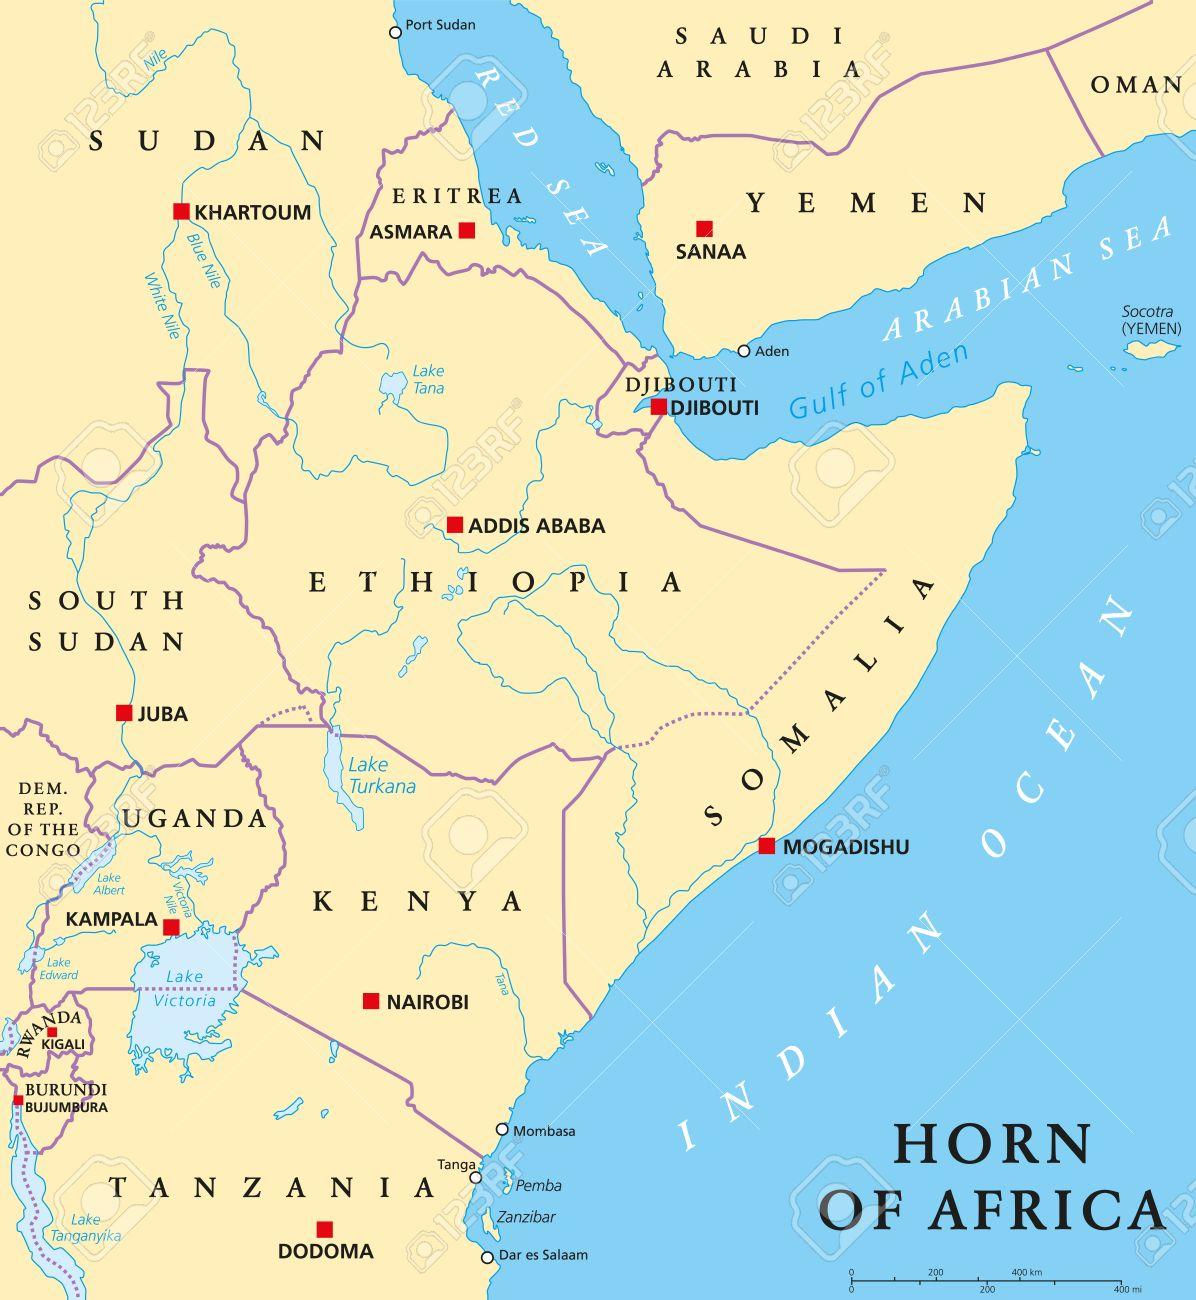 Cuerno De Africa Mapa.Cuerno De Africa Mapa Politico Peninsula Con Mayusculas De Las Fronteras Nacionales Ciudades Importantes Rios Y Lagos En La Antiguedad Llamada